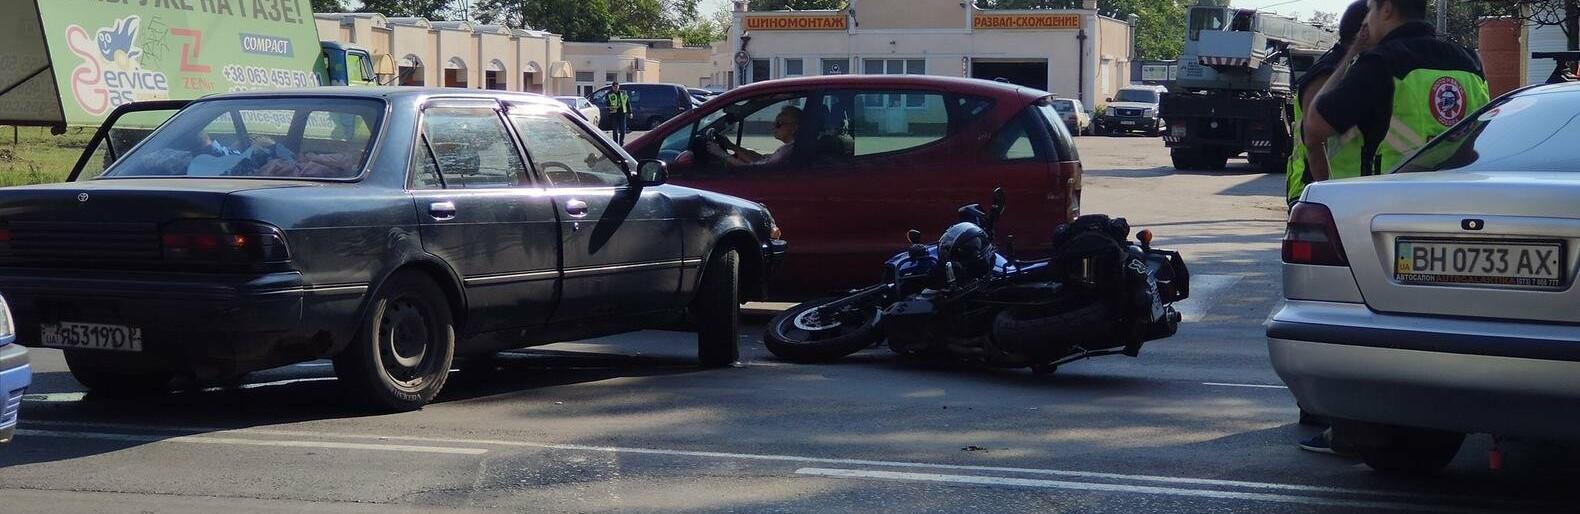 В Одессе мотоцикл столкнулся с легковушкой, - ФОТО0